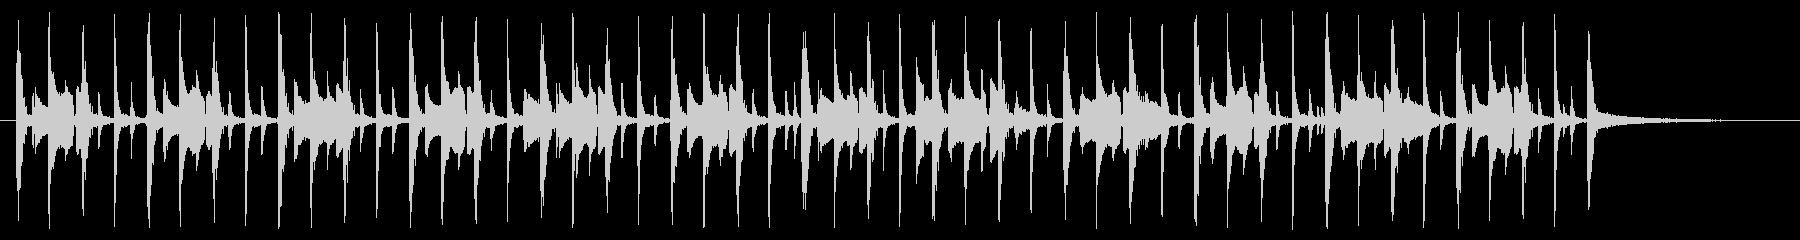 使いやすいファンク 30秒ベース無し版の未再生の波形